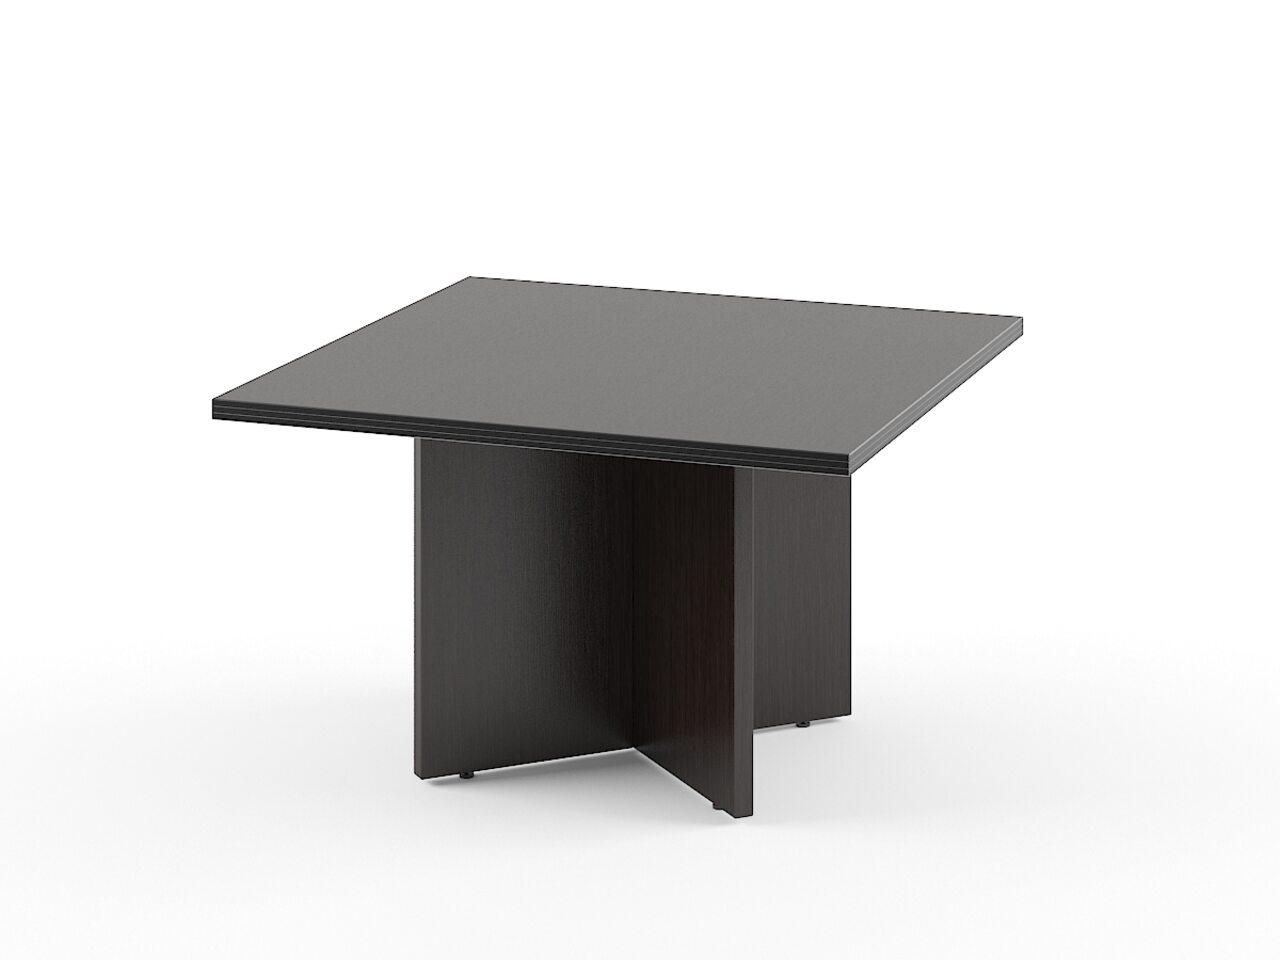 Конференц-стол TORR 120x120x75 - фото 1